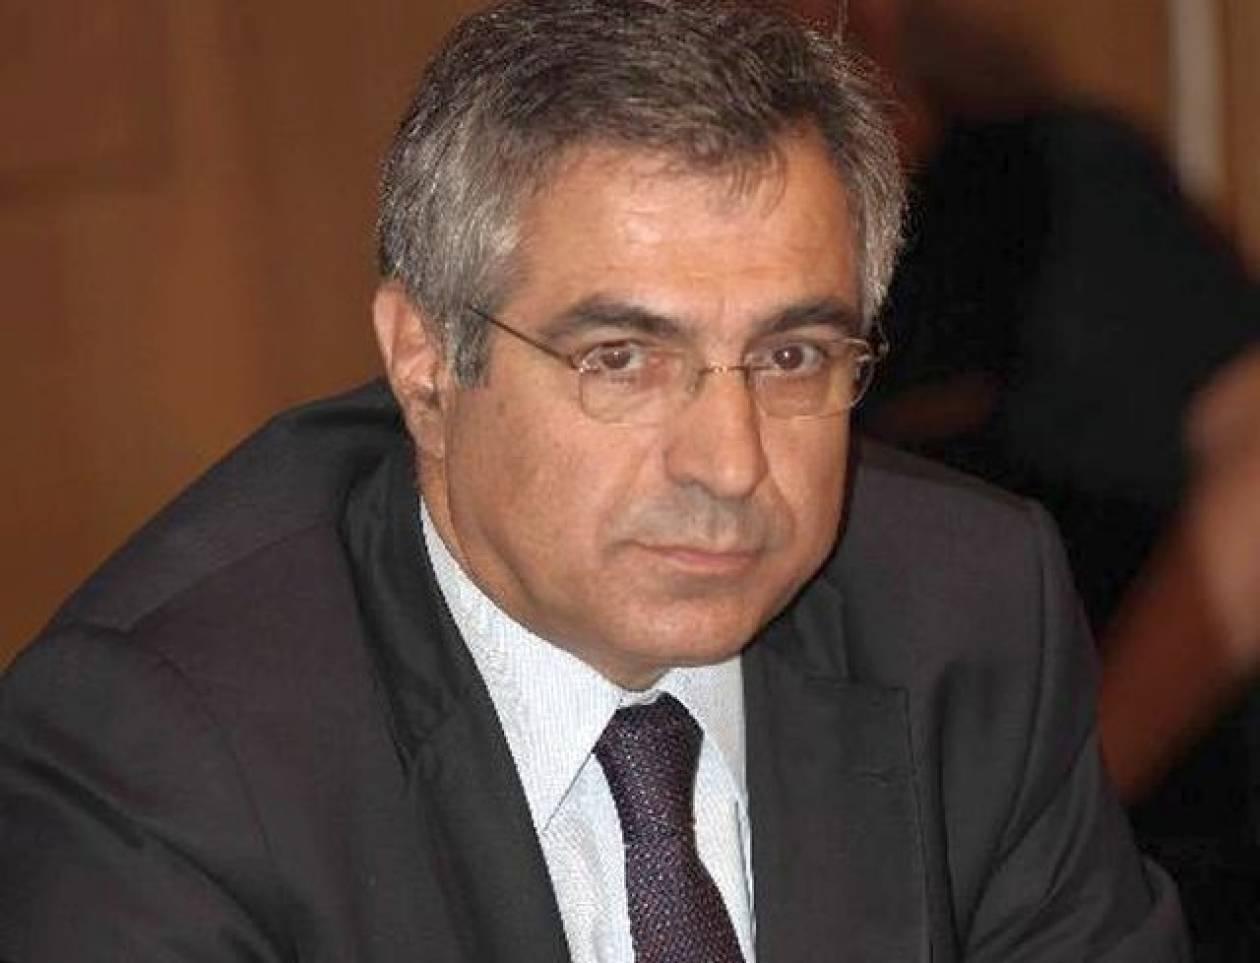 Καρχιμάκης: Συγκαλύπτετε φαύλους φοροπαραβάτες, κ. Μαυραγάνη